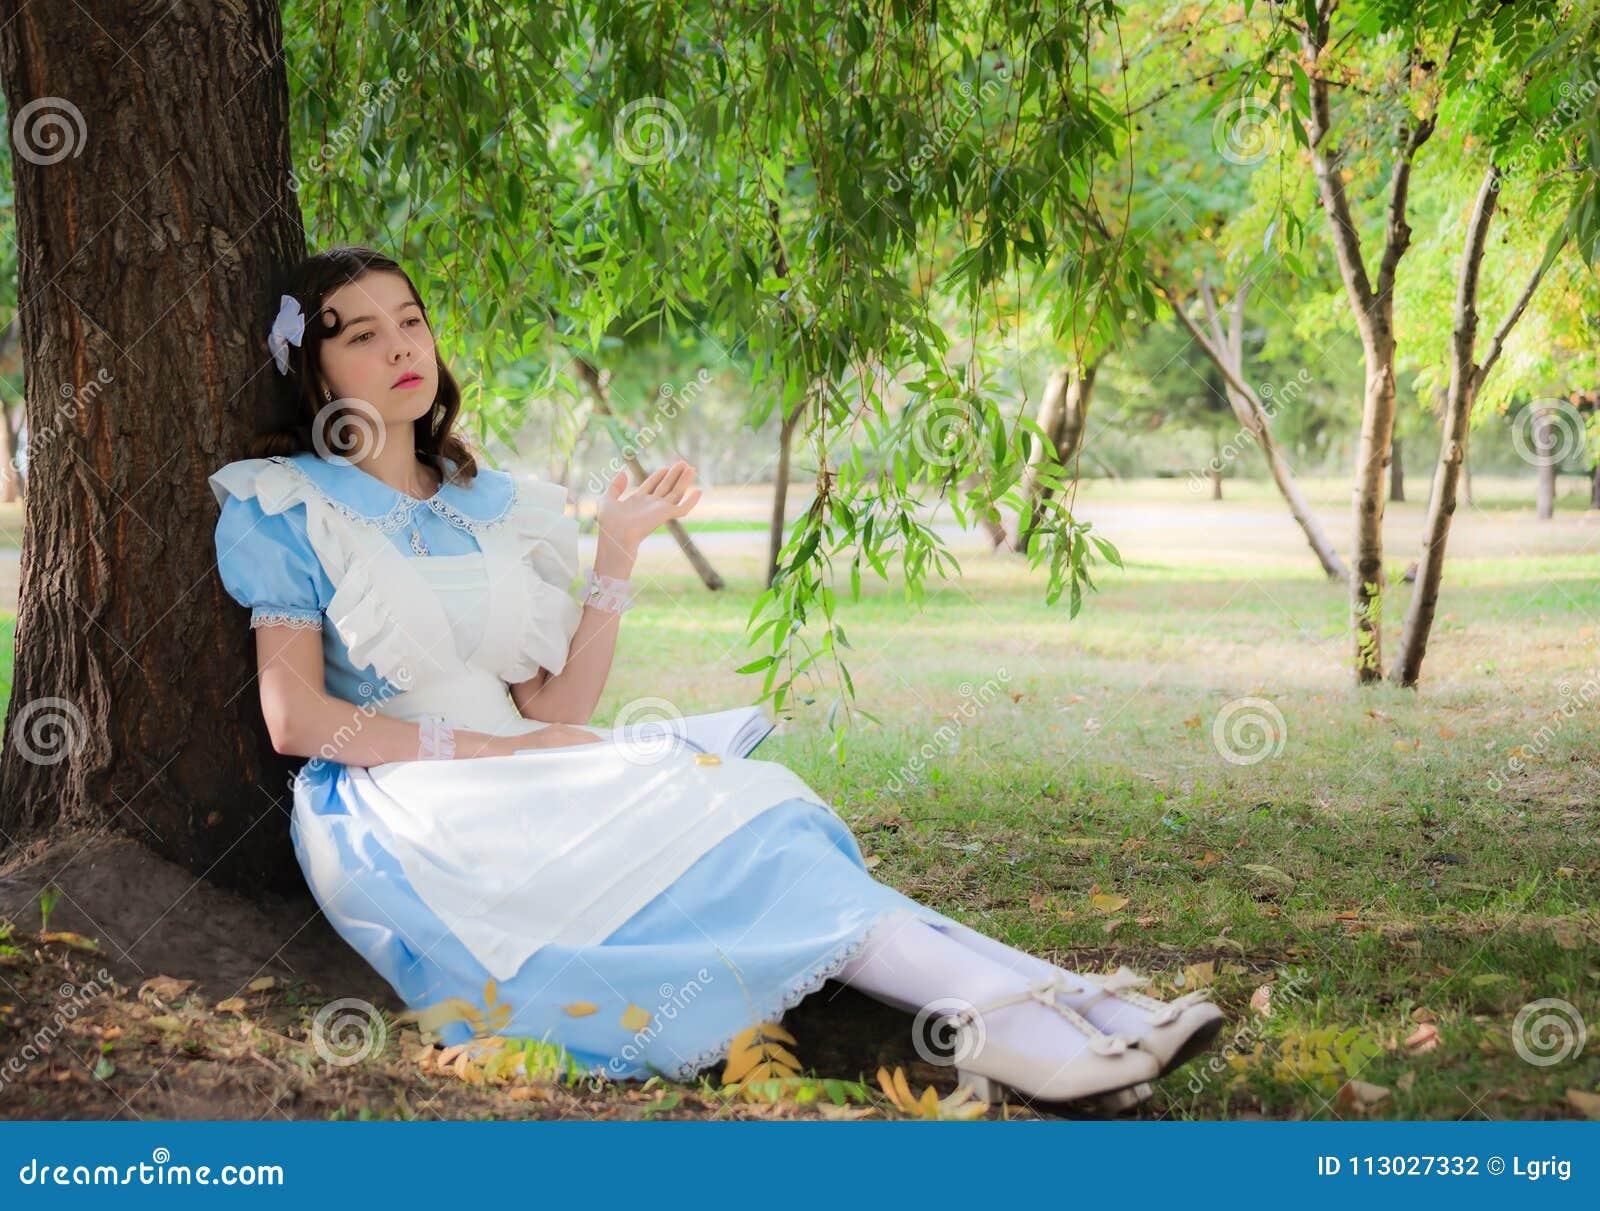 La muchacha cansó del libro aburrido de la lectura que se sentaba debajo de un árbol